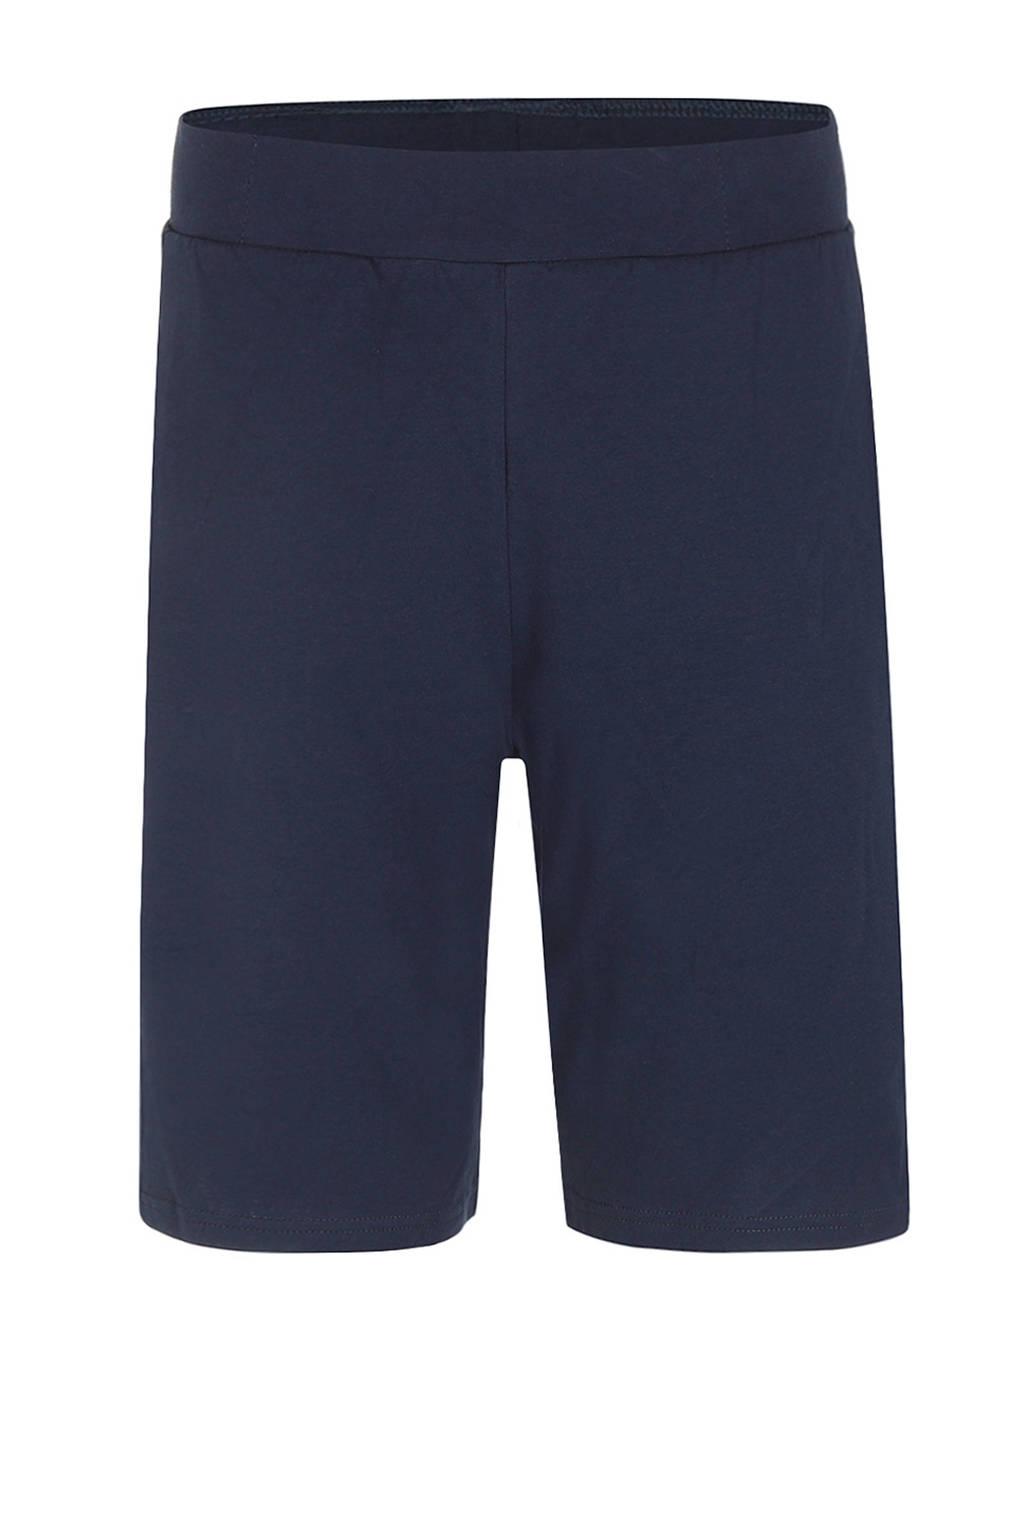 Charlie Choe pyjamashort donkerblauw, Donkerblauw